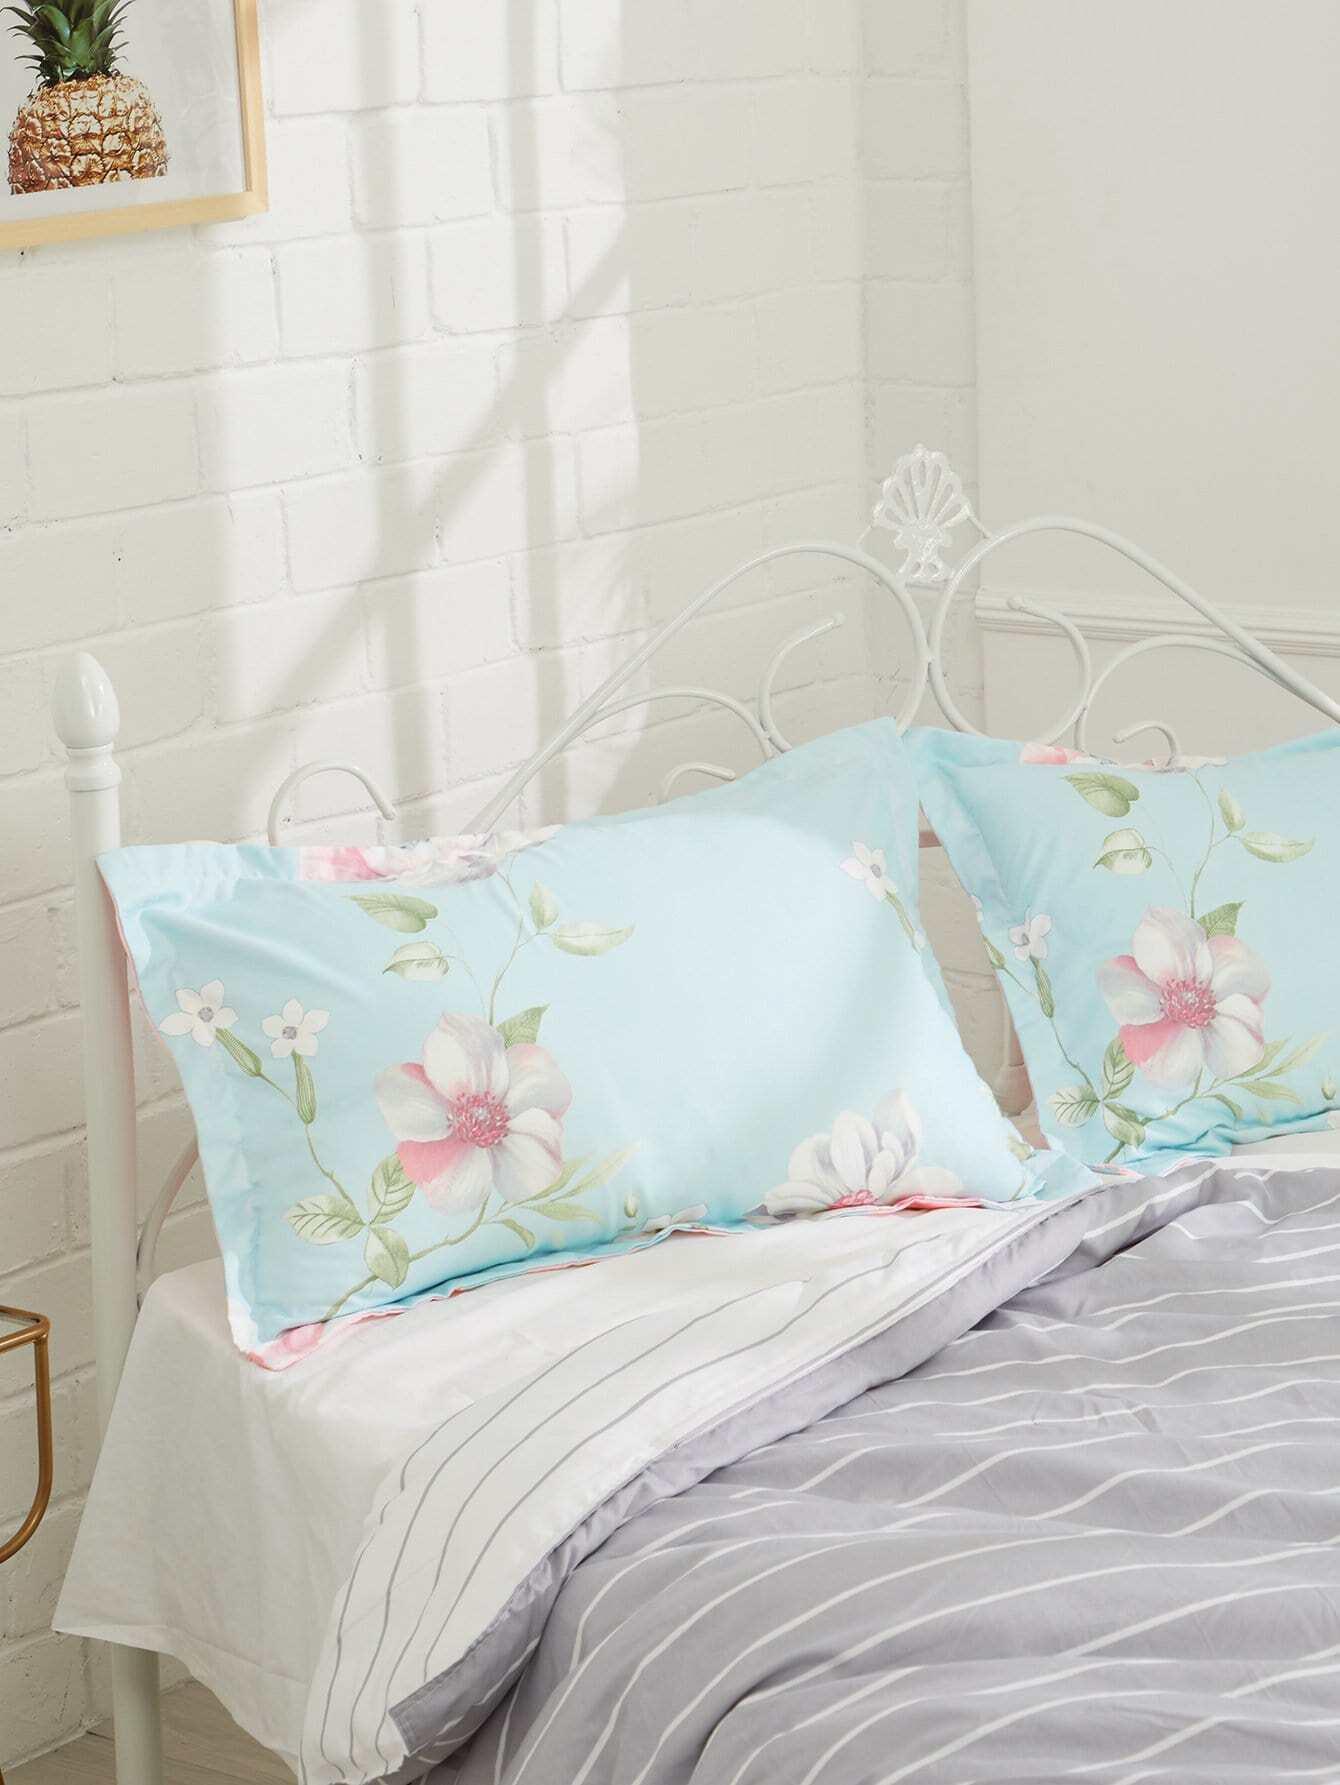 Купить Наволочка для подушки в цветочек 2 шт., null, SheIn